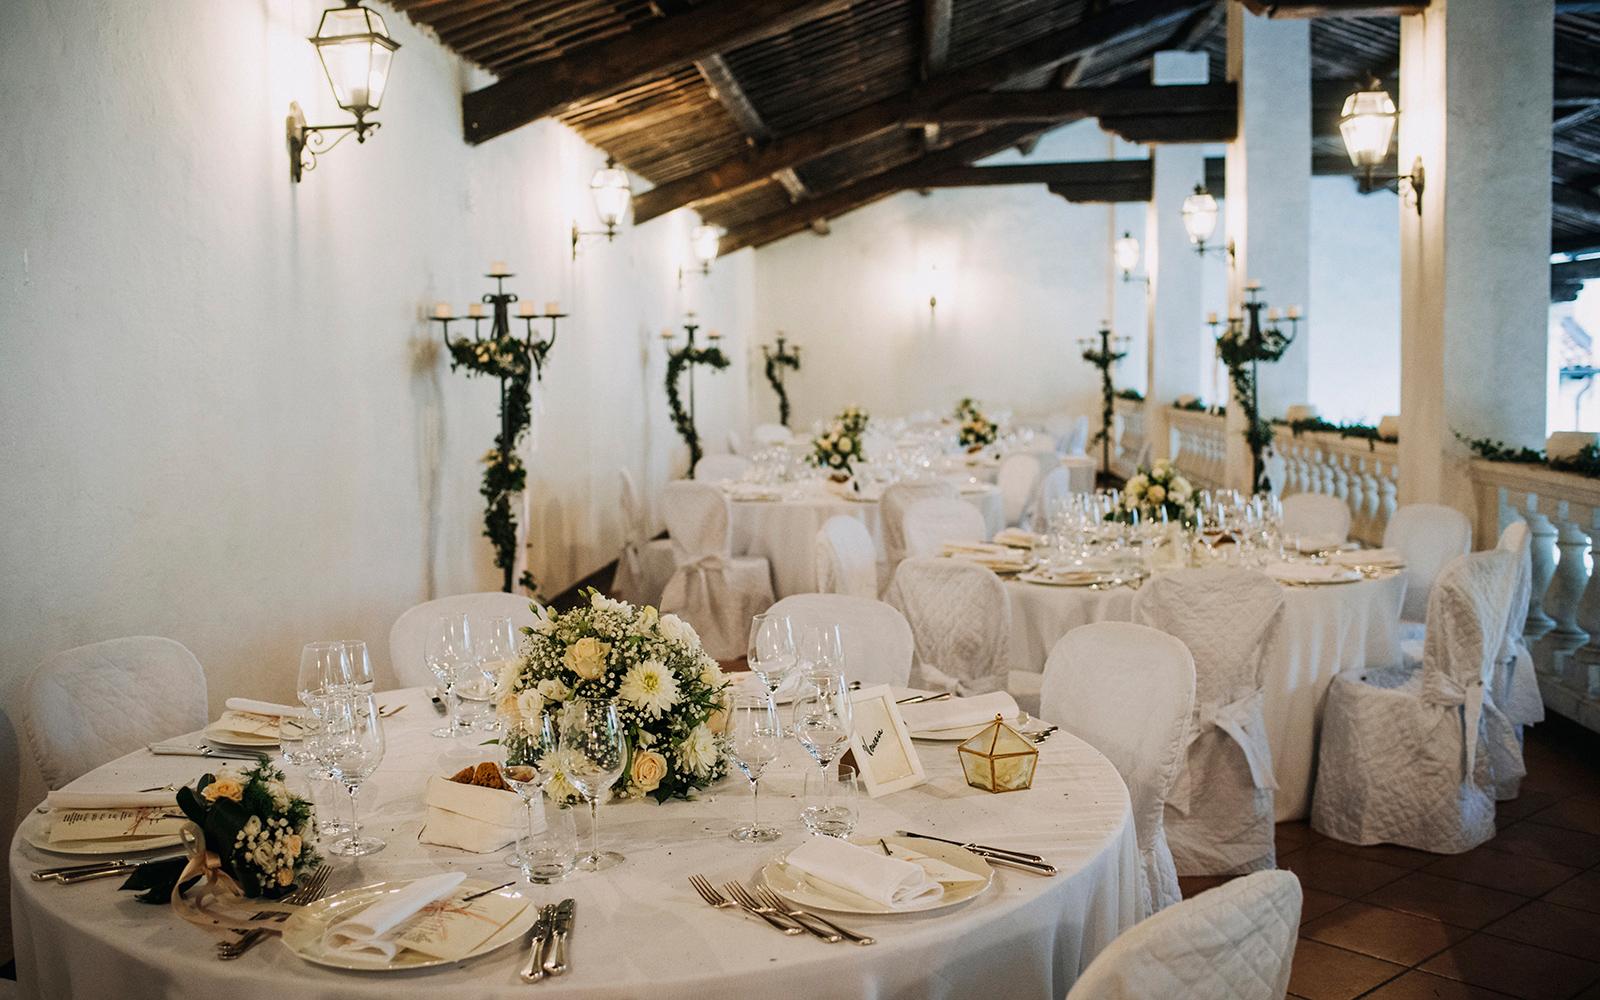 sala congresso Vicenza, sale congresso Padova, sale congressi Padova, sale meeting Vicenza, Vicenza ricevimento matrimonio Vicenza matrimonio ricevimento